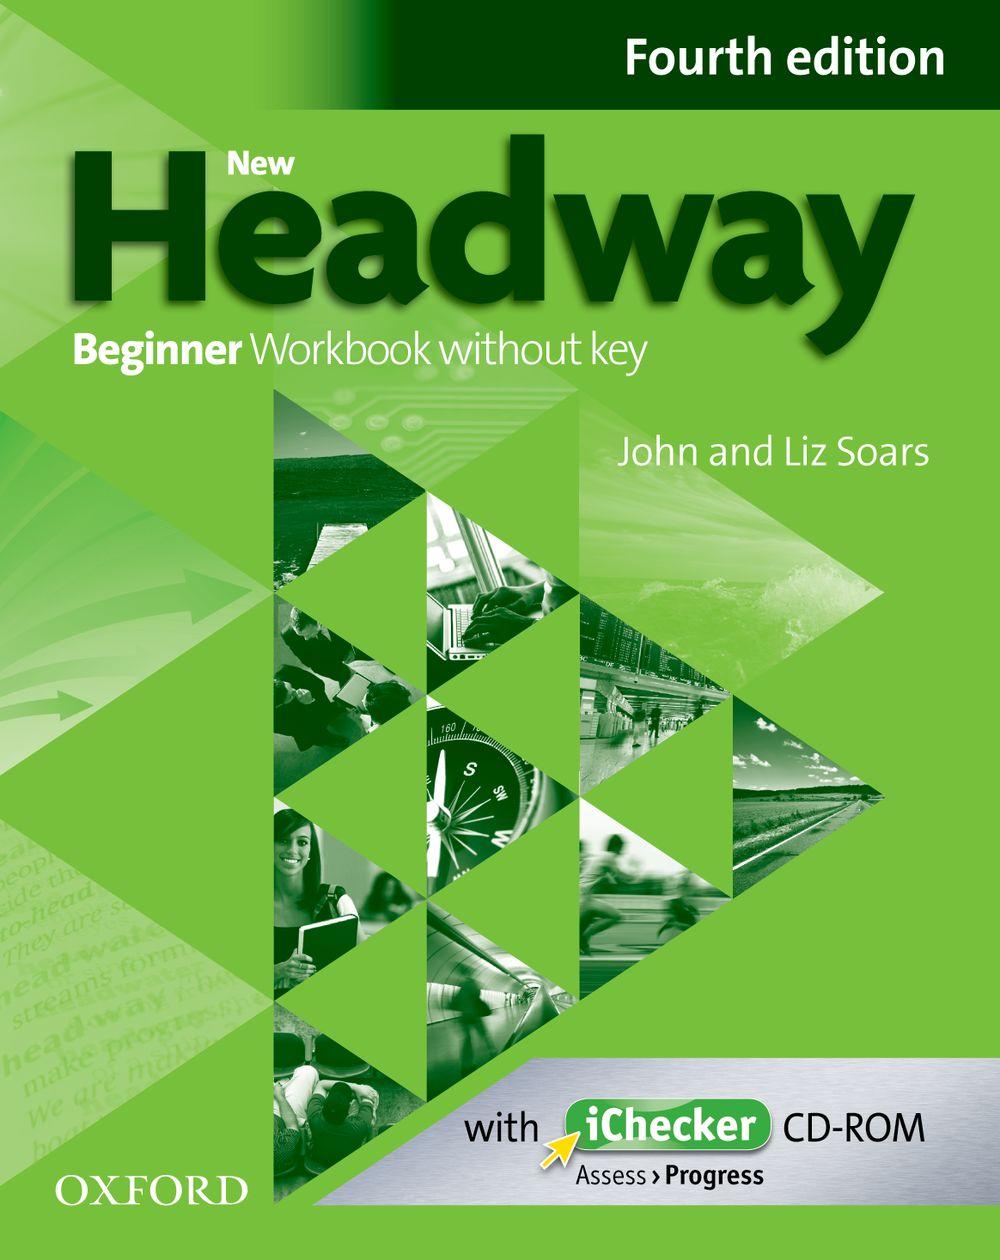 New Headway Beginner A1 Workbook & iChecker without Key